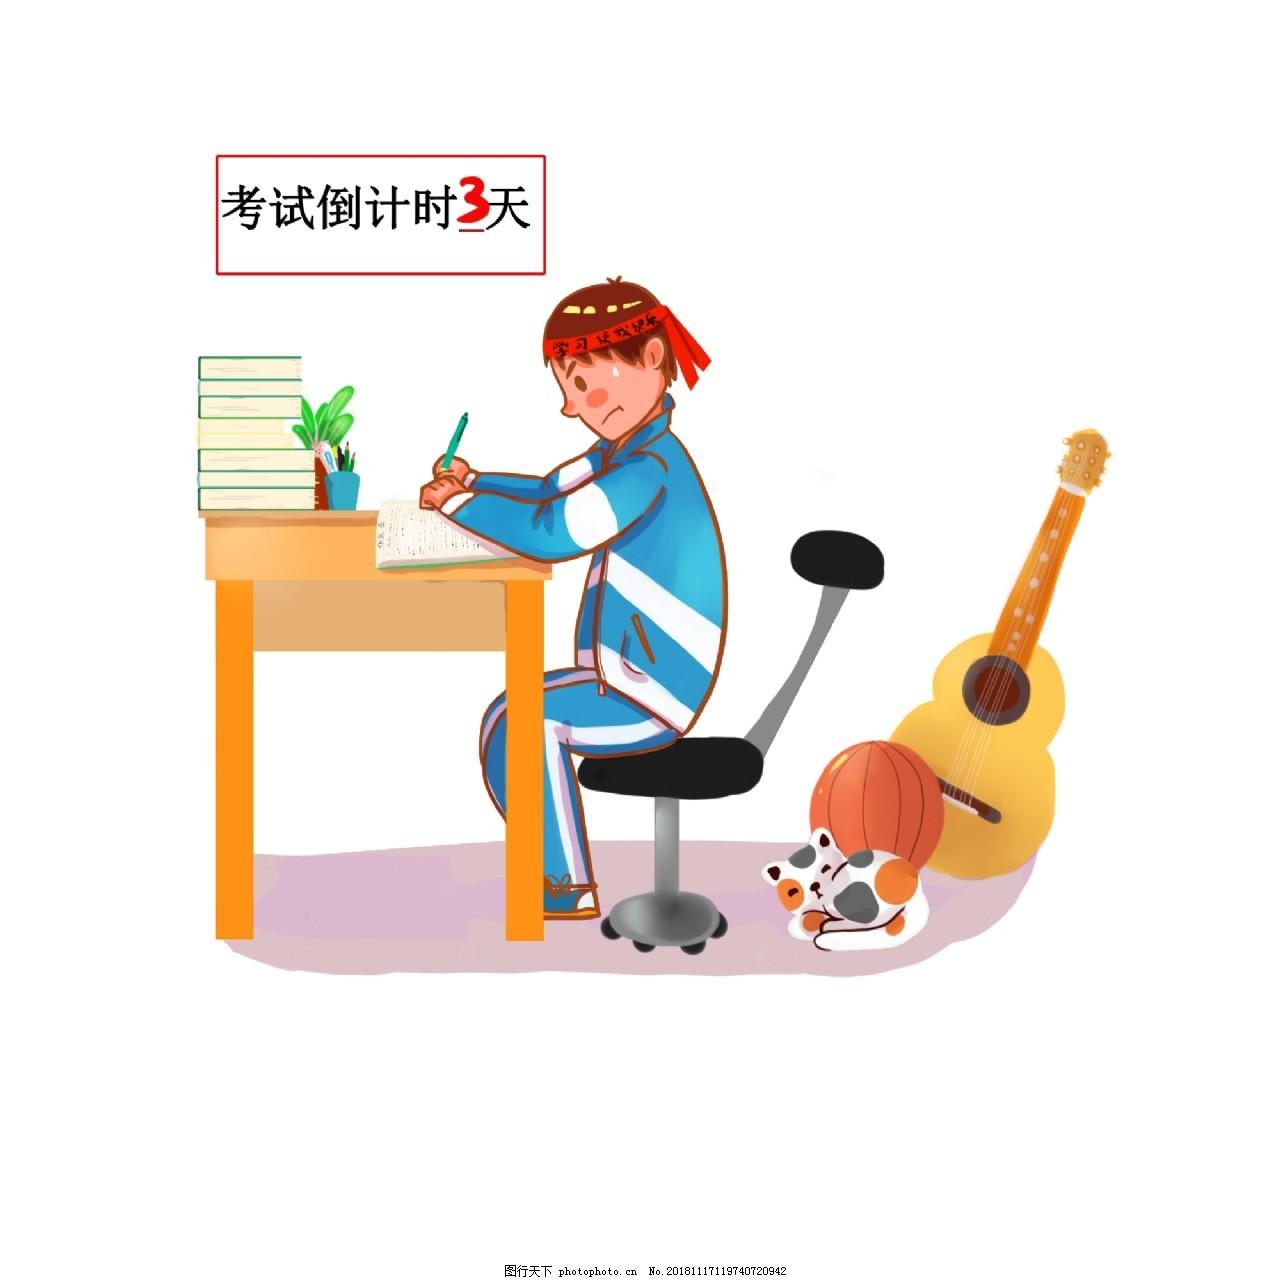 学习考试倒计时学习状态写作业男生绘本PNG,学习系列,学习快乐,努力,校服,高中生,创意卡通